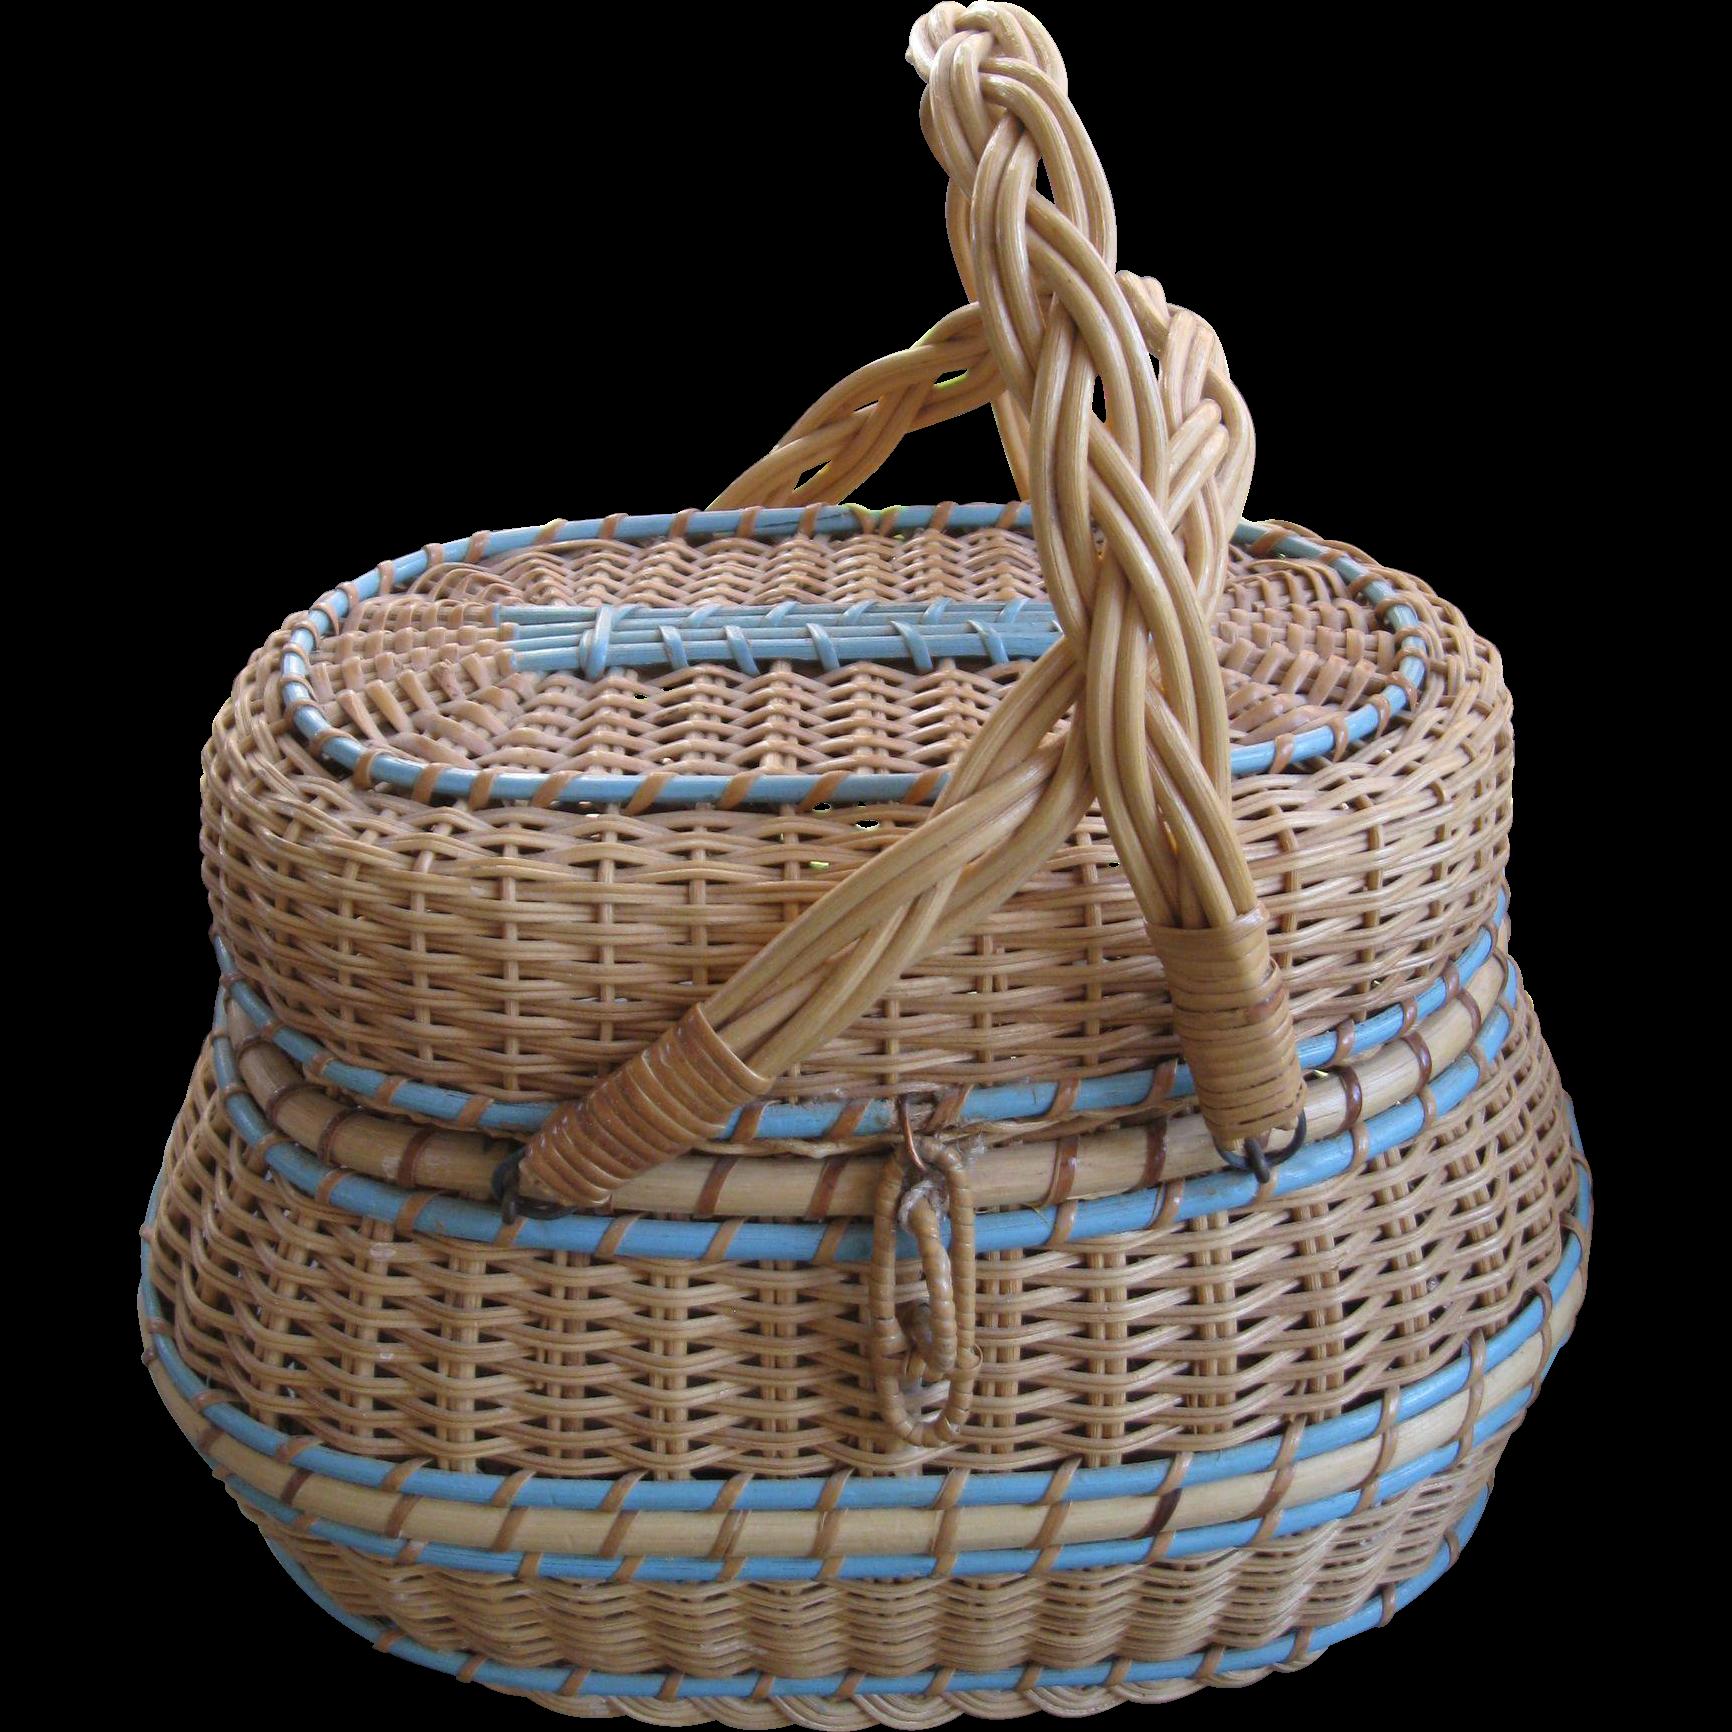 Old Handmade Baskets : Vintage kavli handmade amish diaper basket from